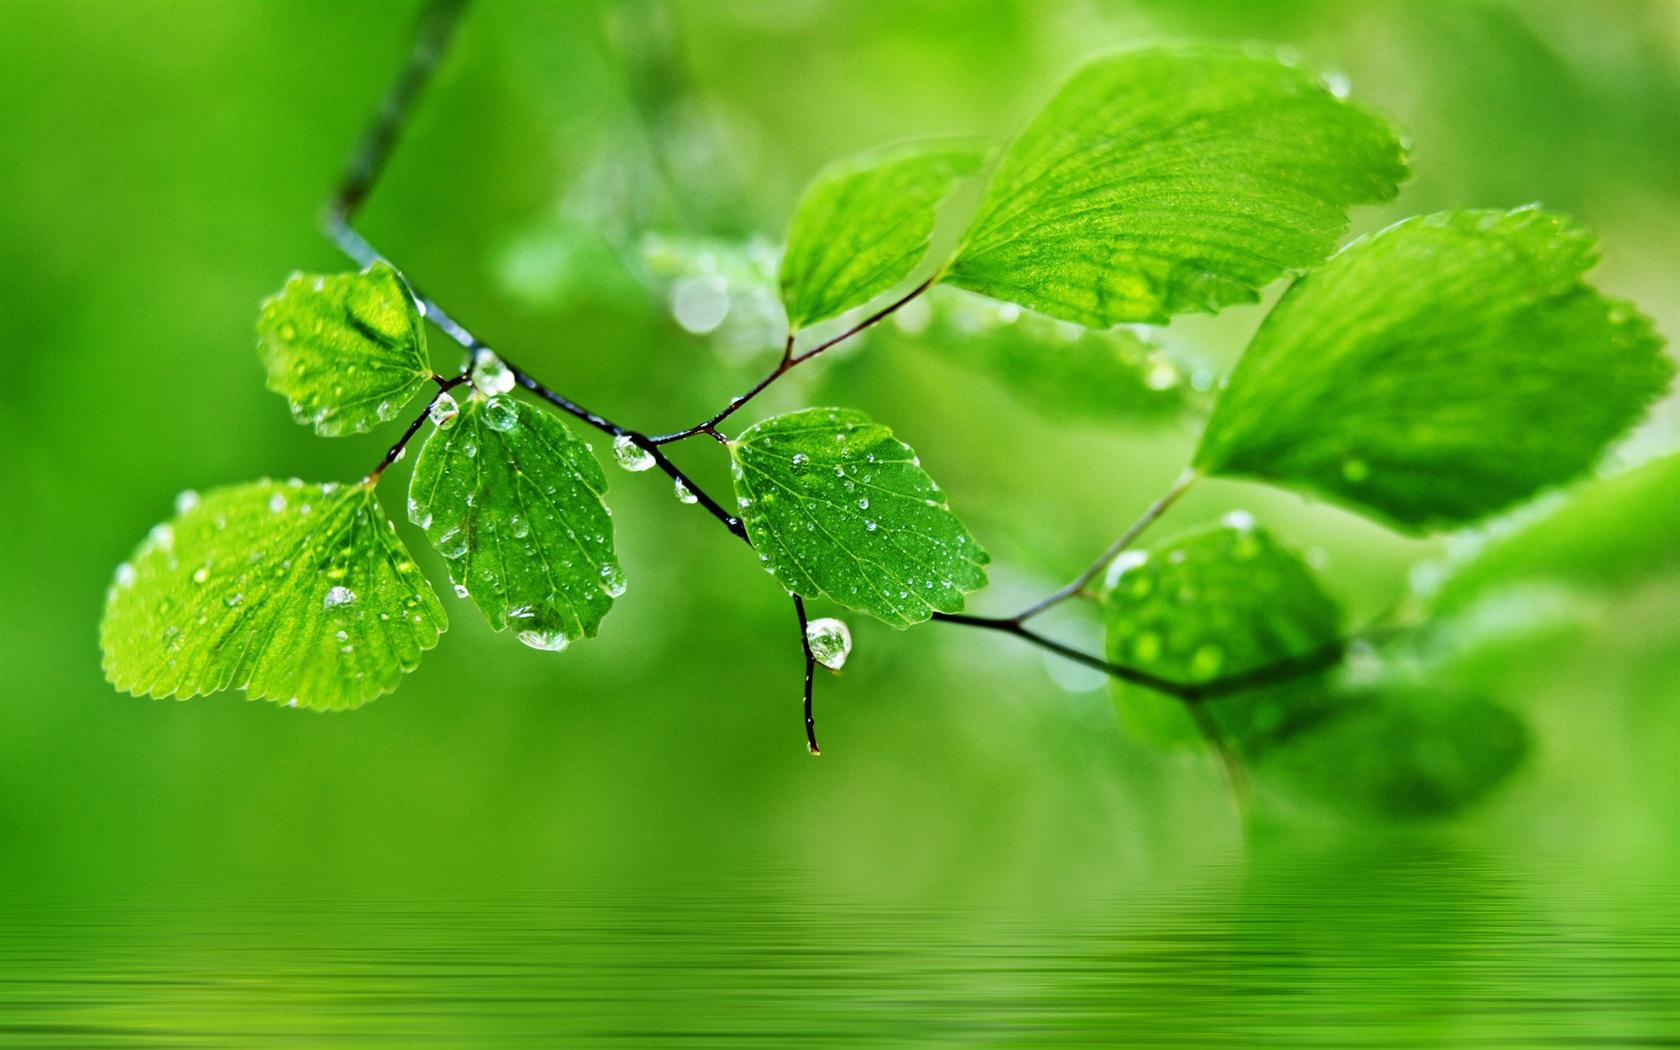 すべての折り紙 折り紙 カエル リアル : Natural Green Leaves Wallpaper